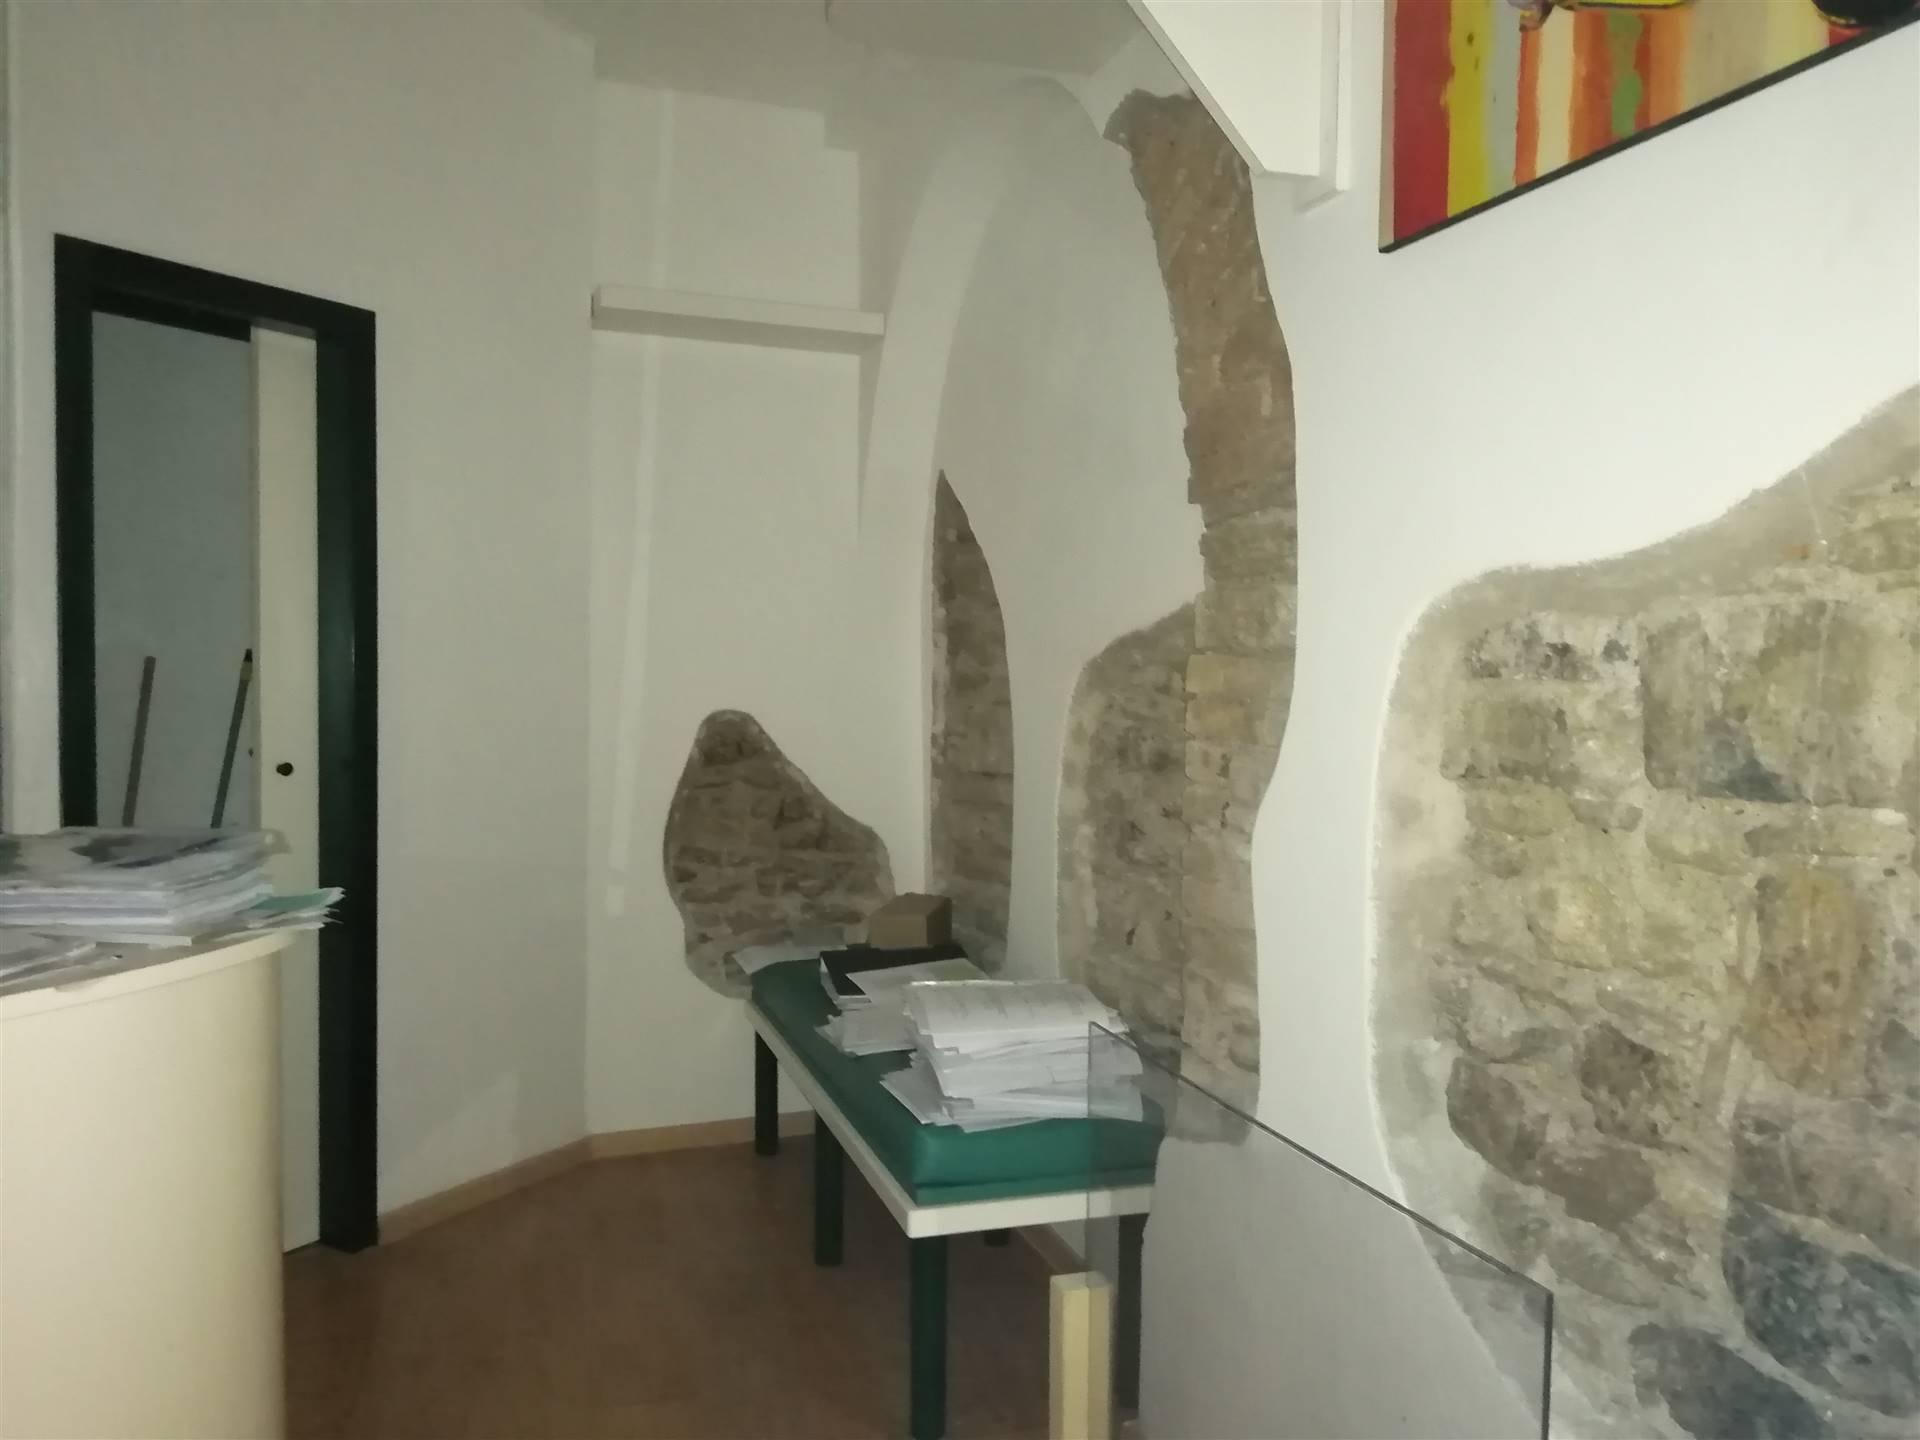 Locale commerciale di 50 metri quadrati circa, situato nel centro storico della città, a due passi dal Porto di Civitavecchia e dai principali